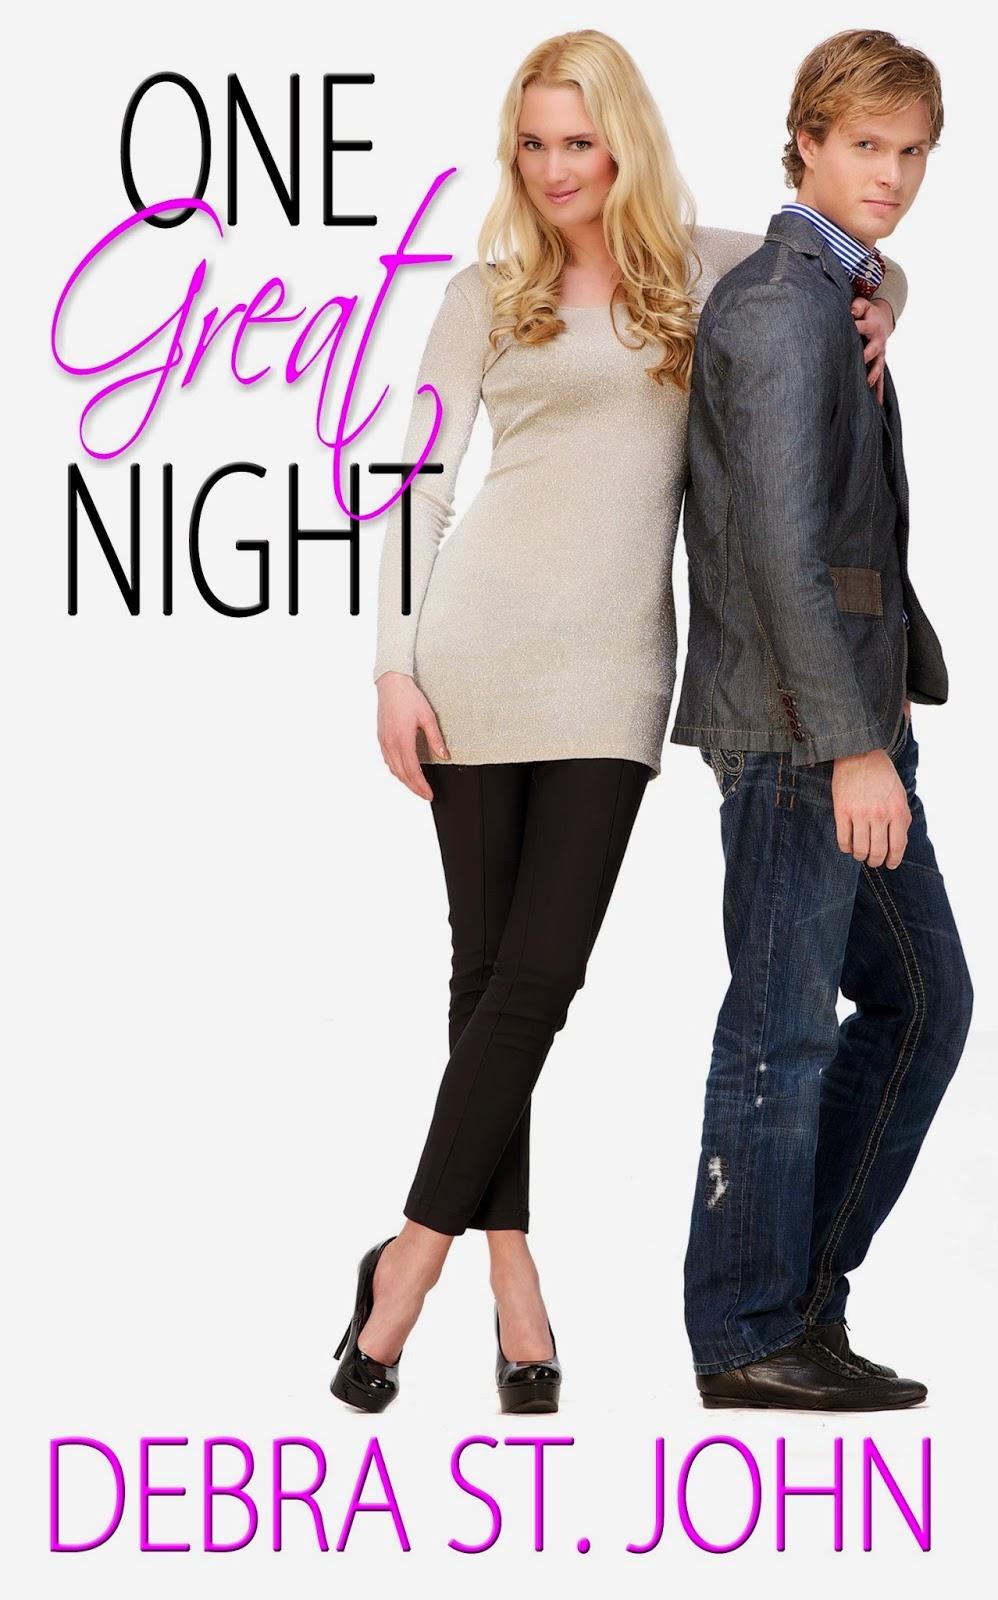 One Great Night by Debra St. John